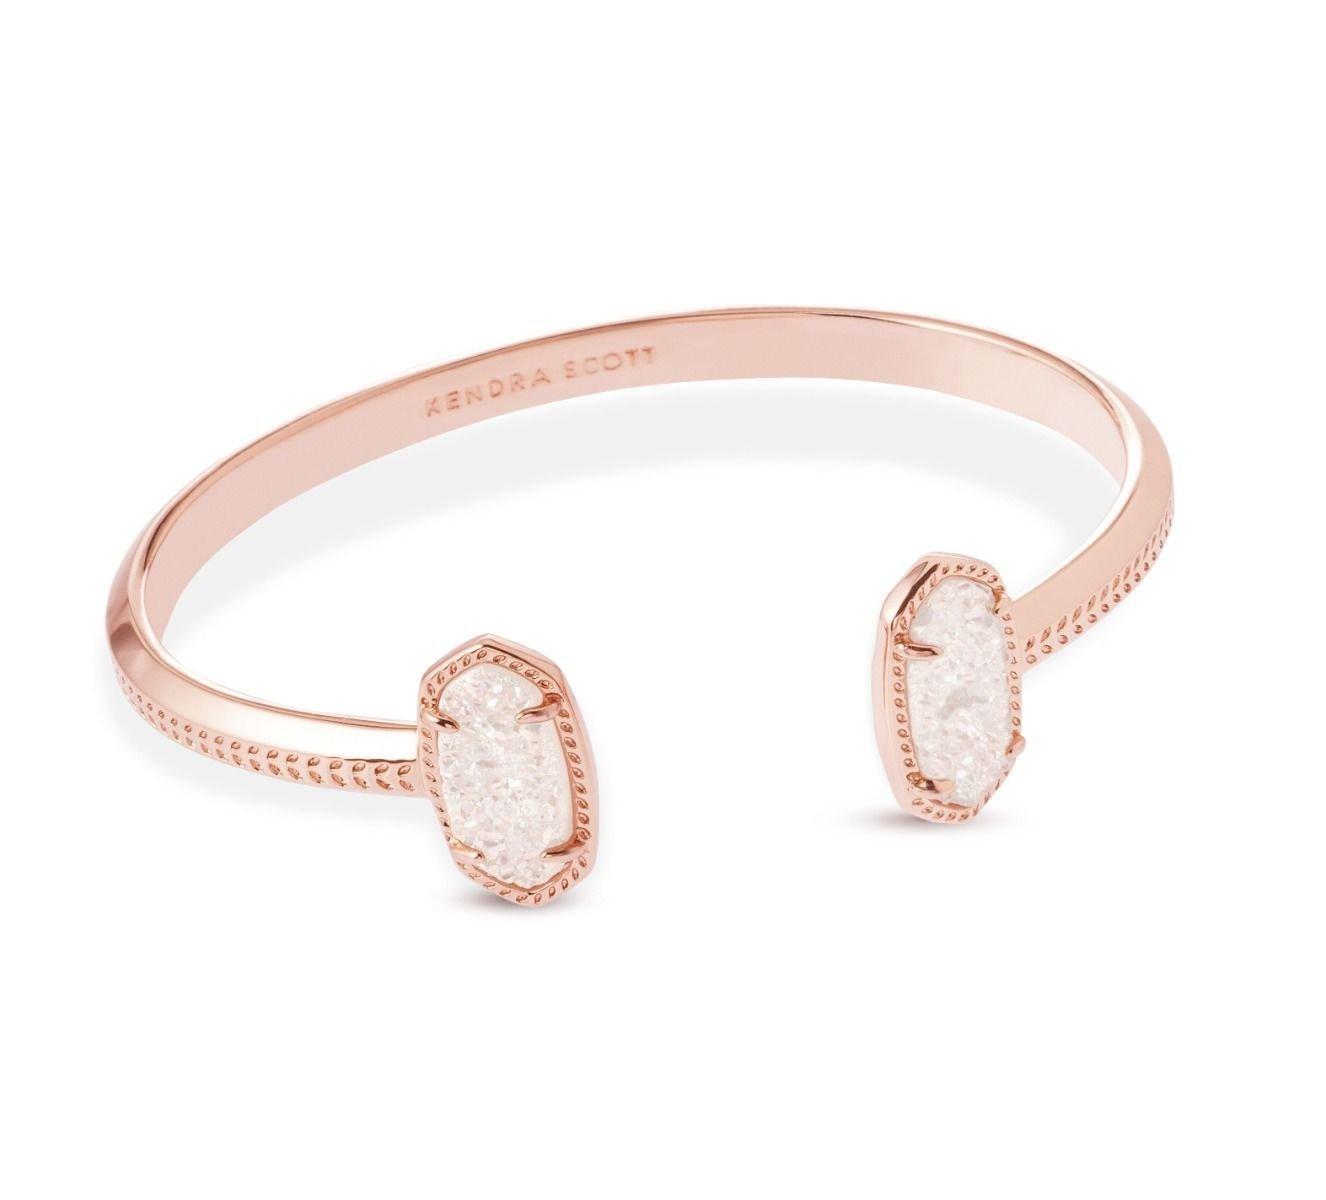 Kendra Scott Women's Elton Bracelet Rose Gold Iridescent Drusy Bracelet